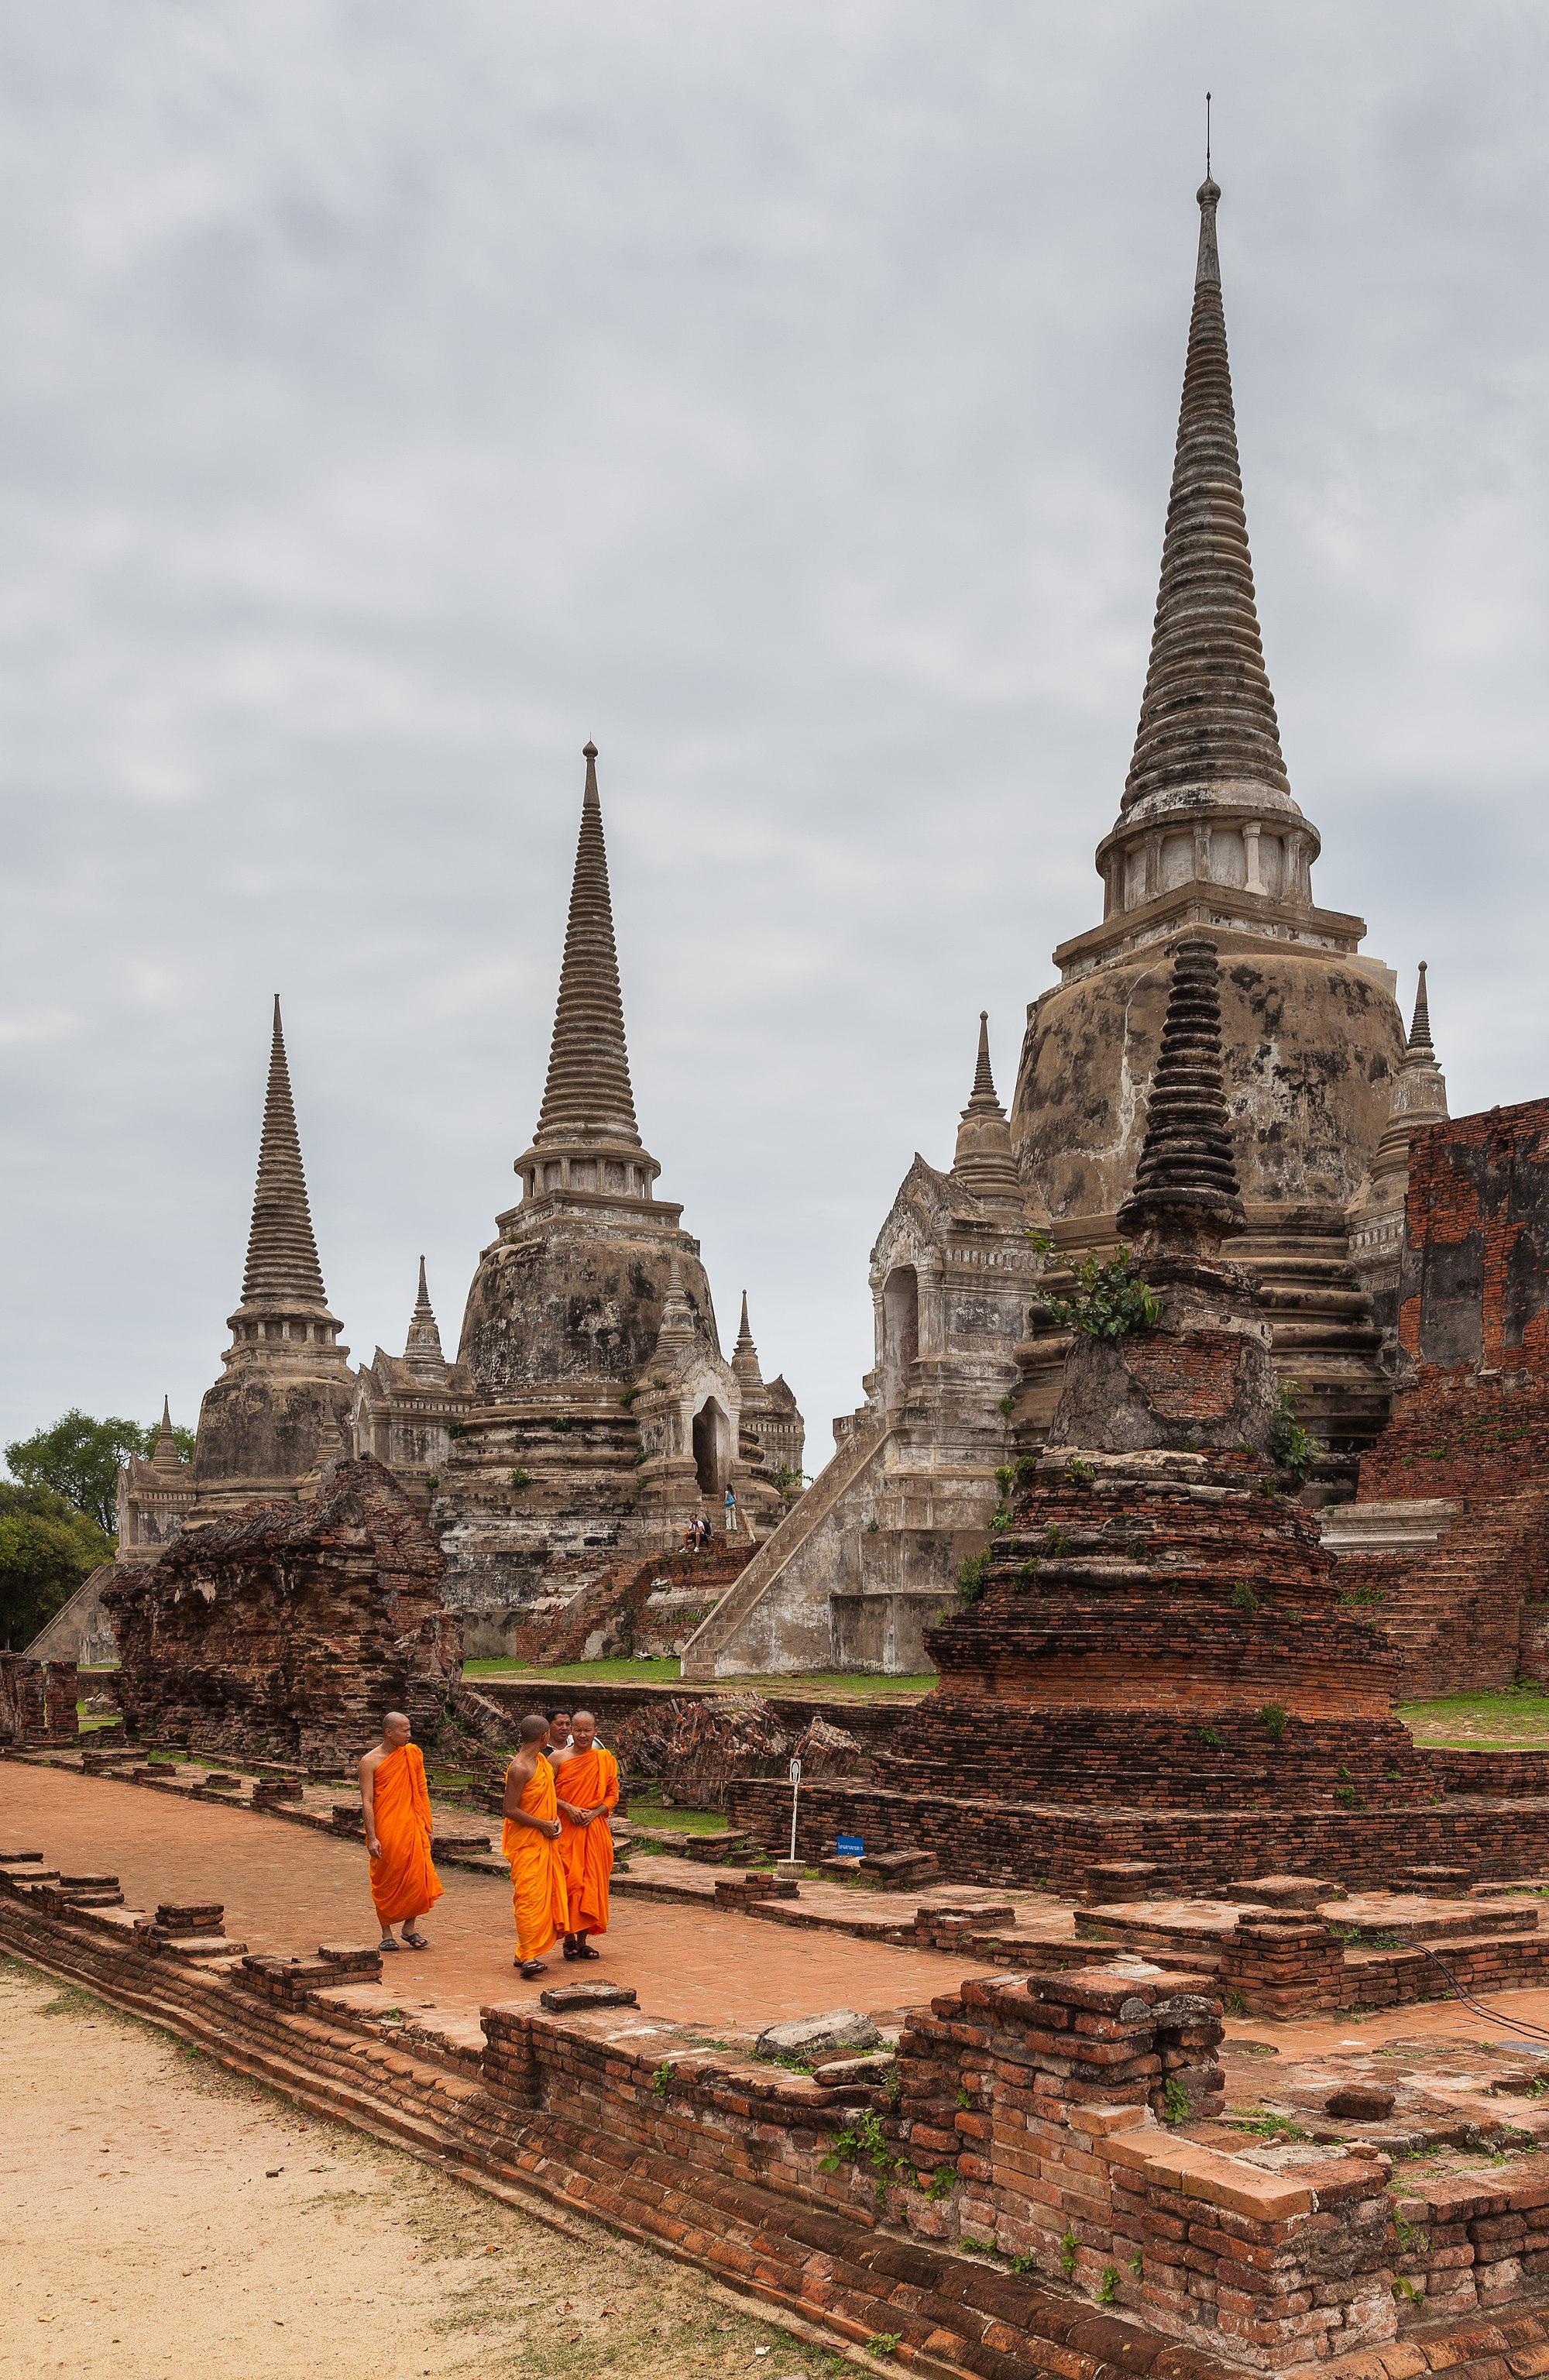 Phra Si Sanphet temple, Ayutthaya, Thailand